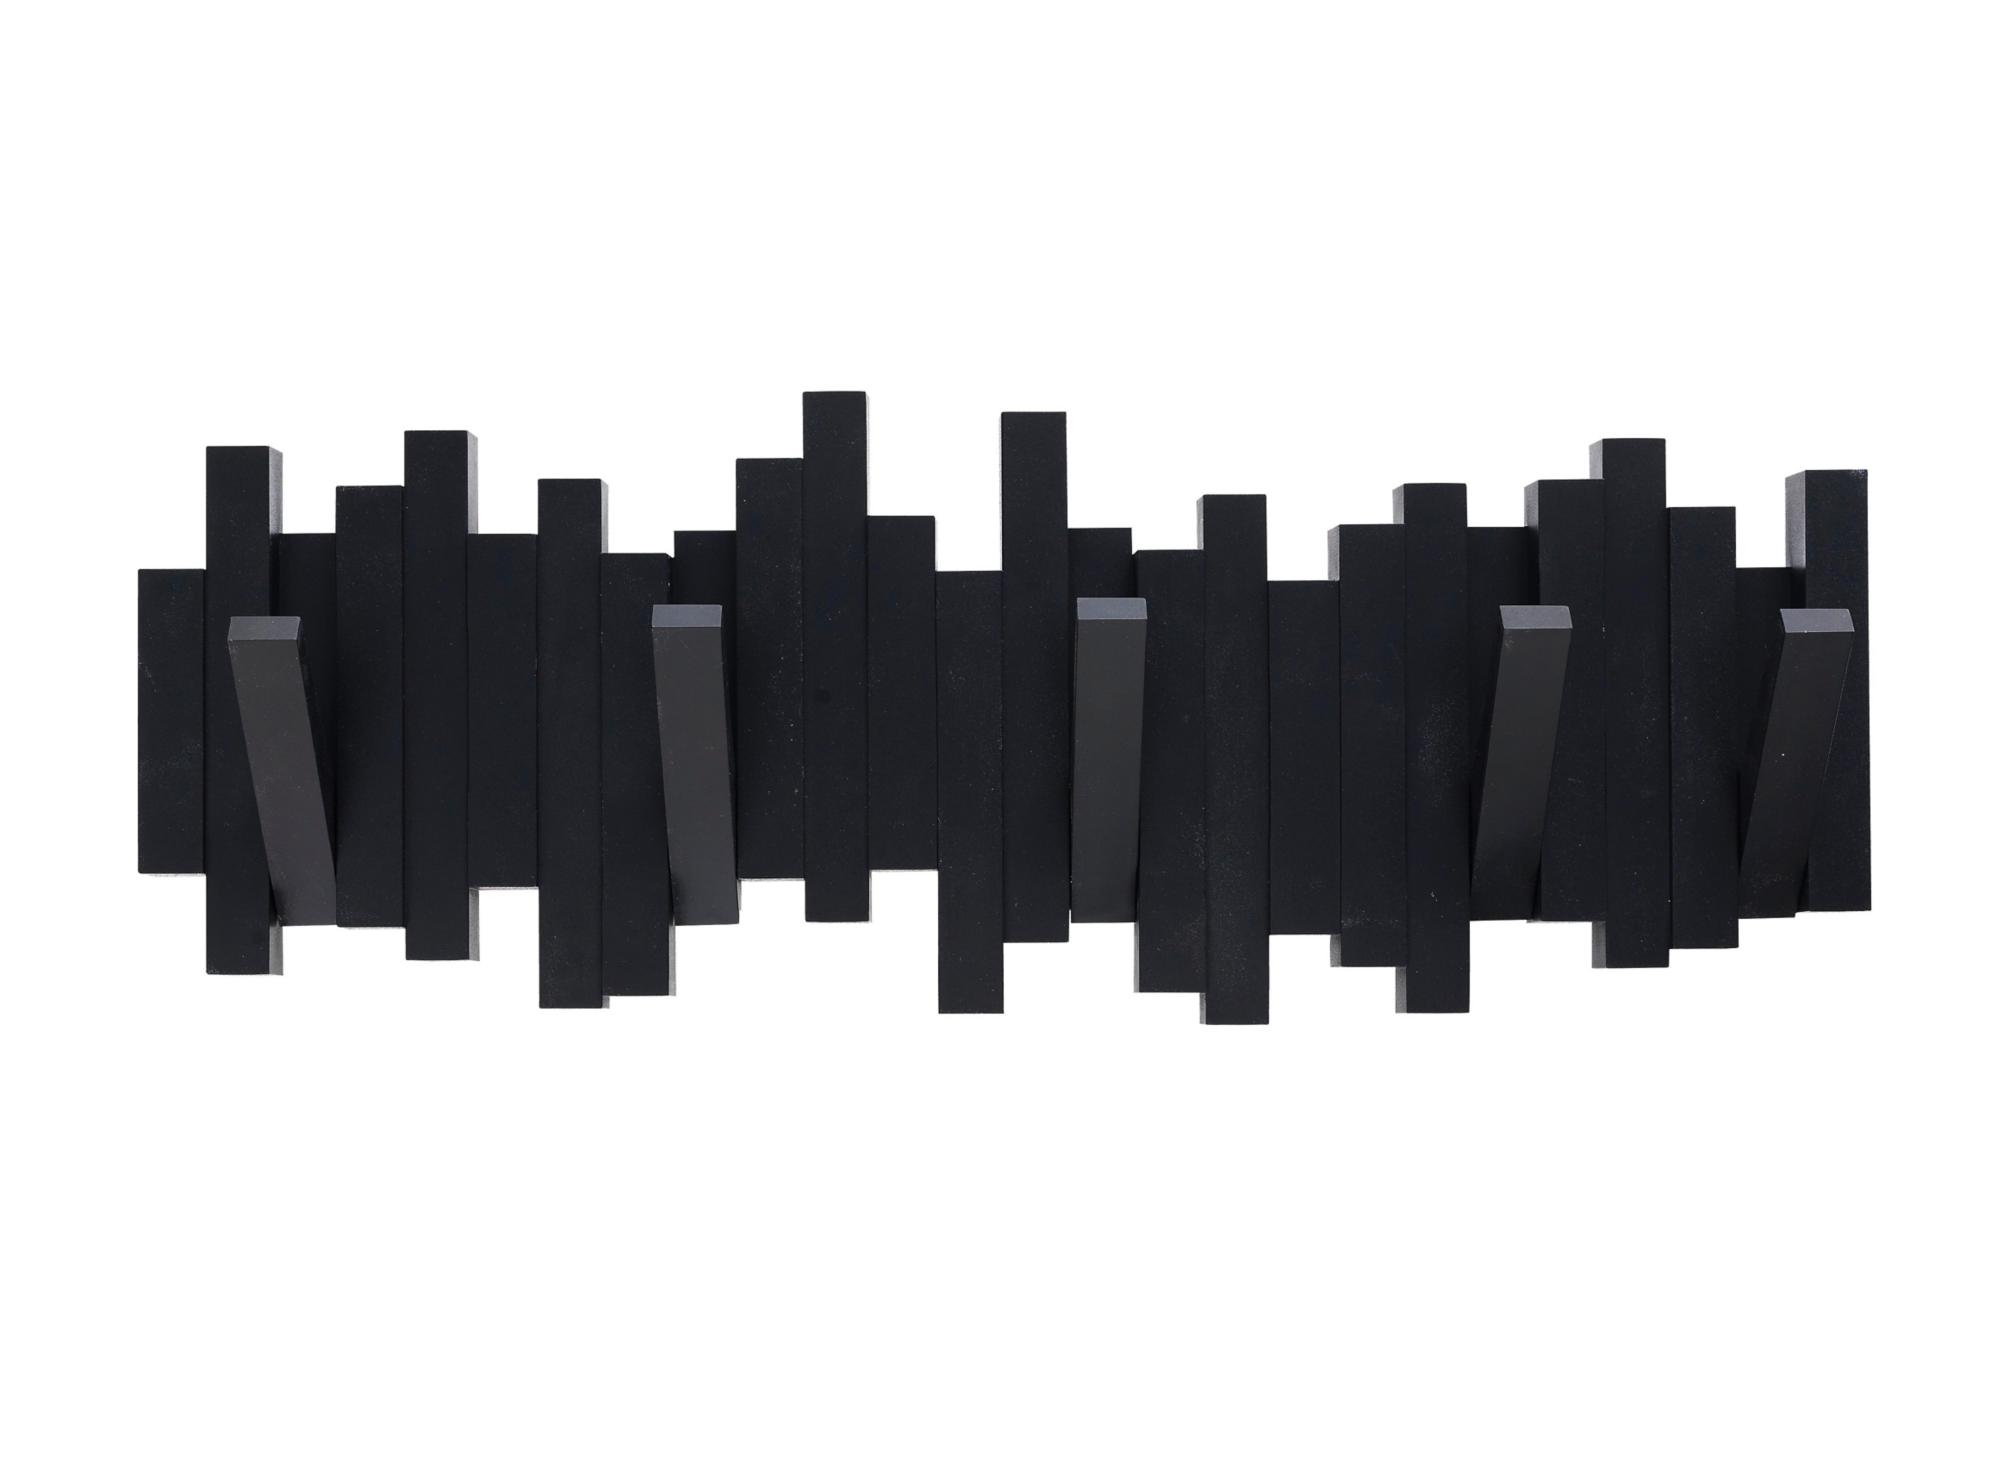 Patere murale 5 crochets en chlorure de polyvinyle (pvc) teinte color ...